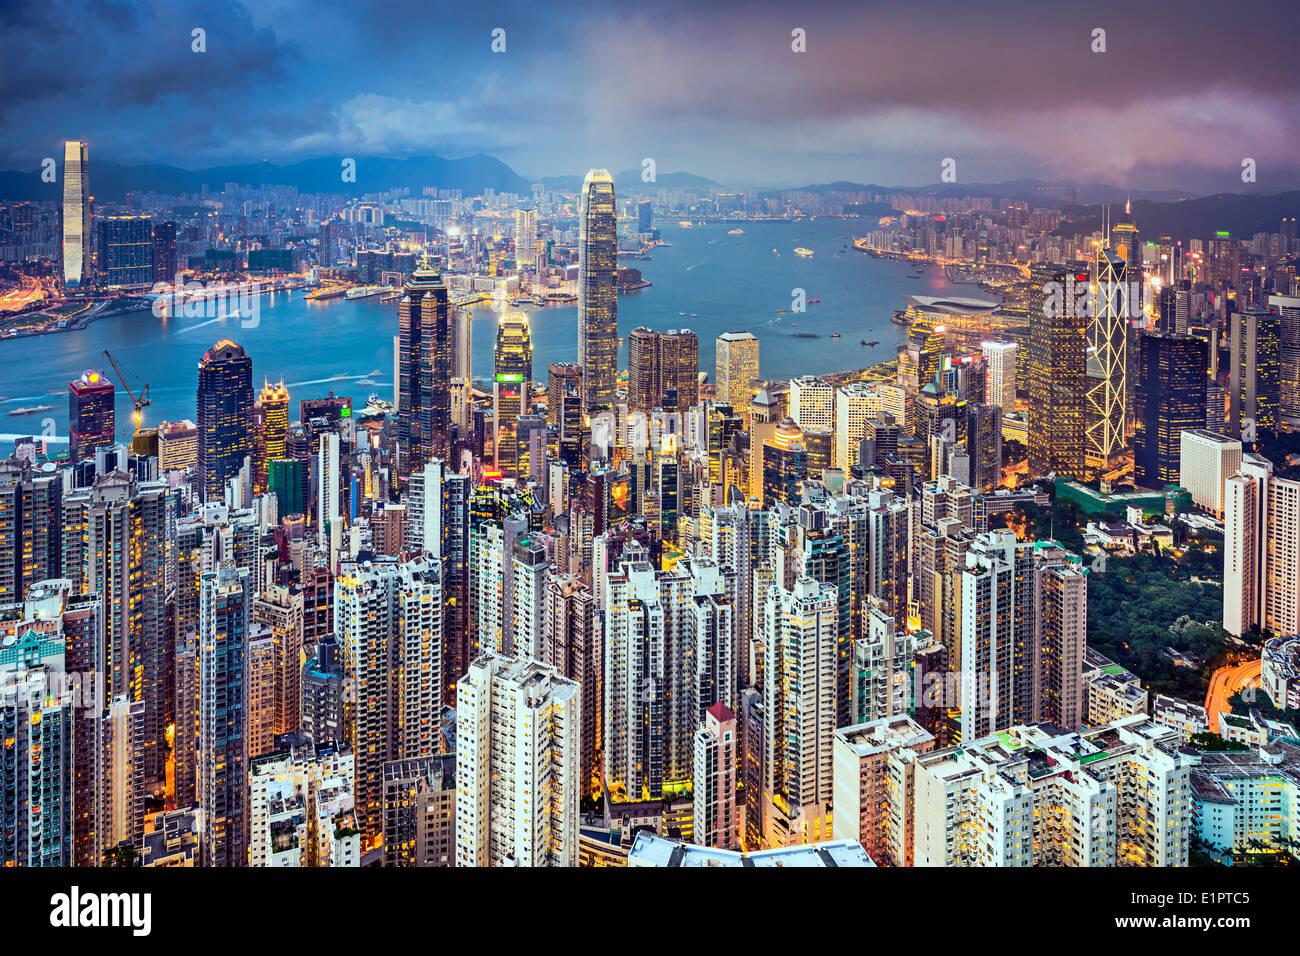 Hong Kong, China City Skyline - Stock Image